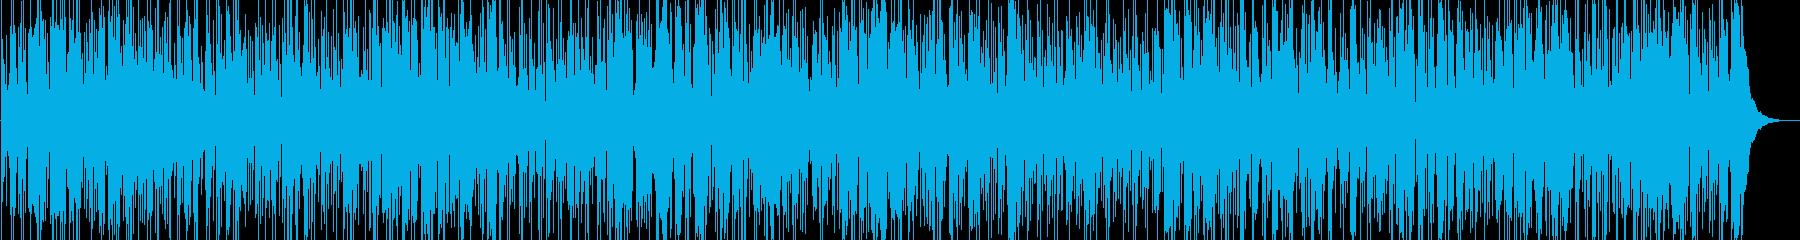 秋に想いを焦がすイメージのジャズファンクの再生済みの波形